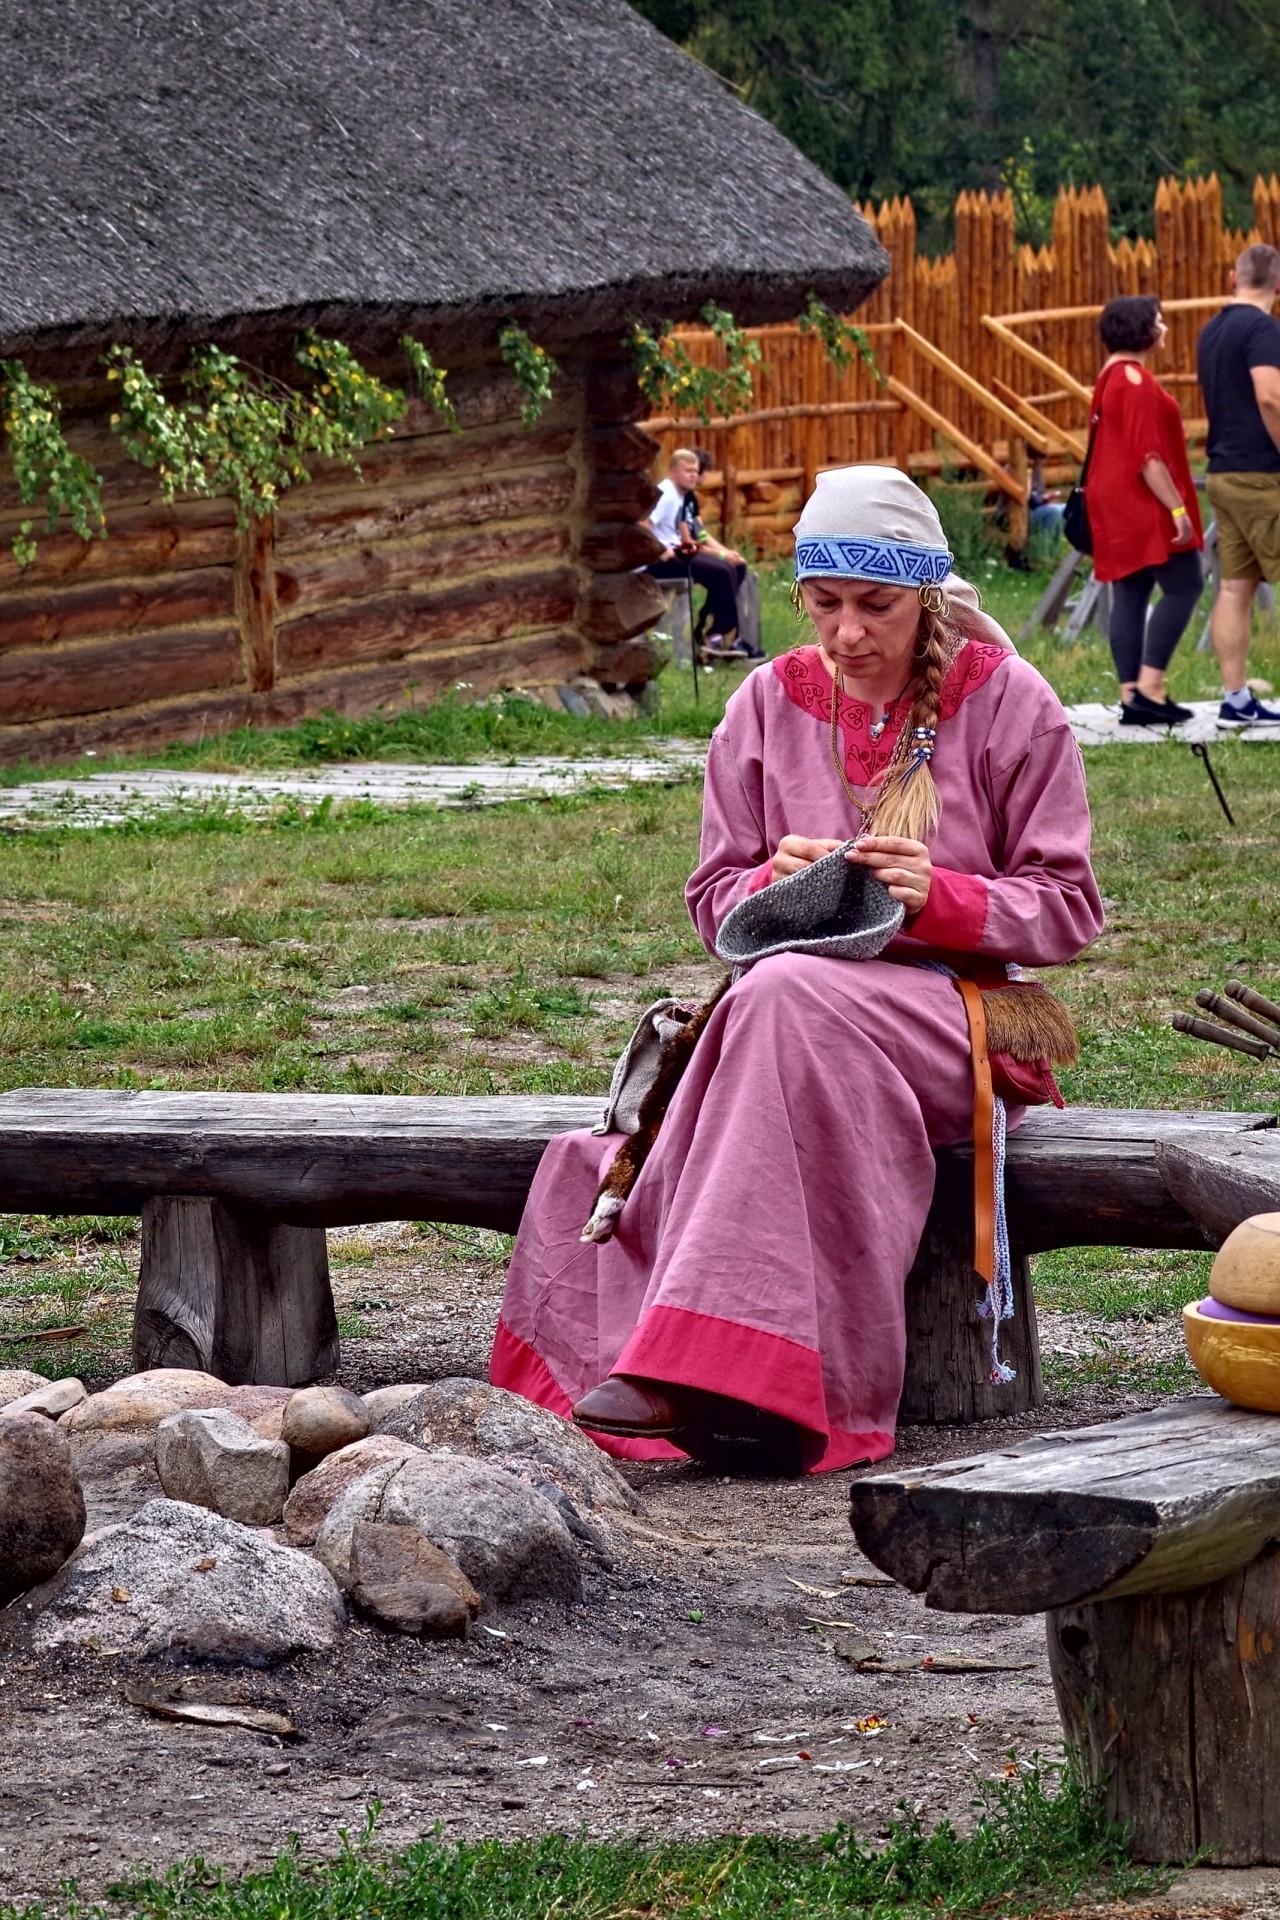 Festiwal Mitologii Słowiańskiej za nami. Jak było? [FOTOREPORTAŻ] 5